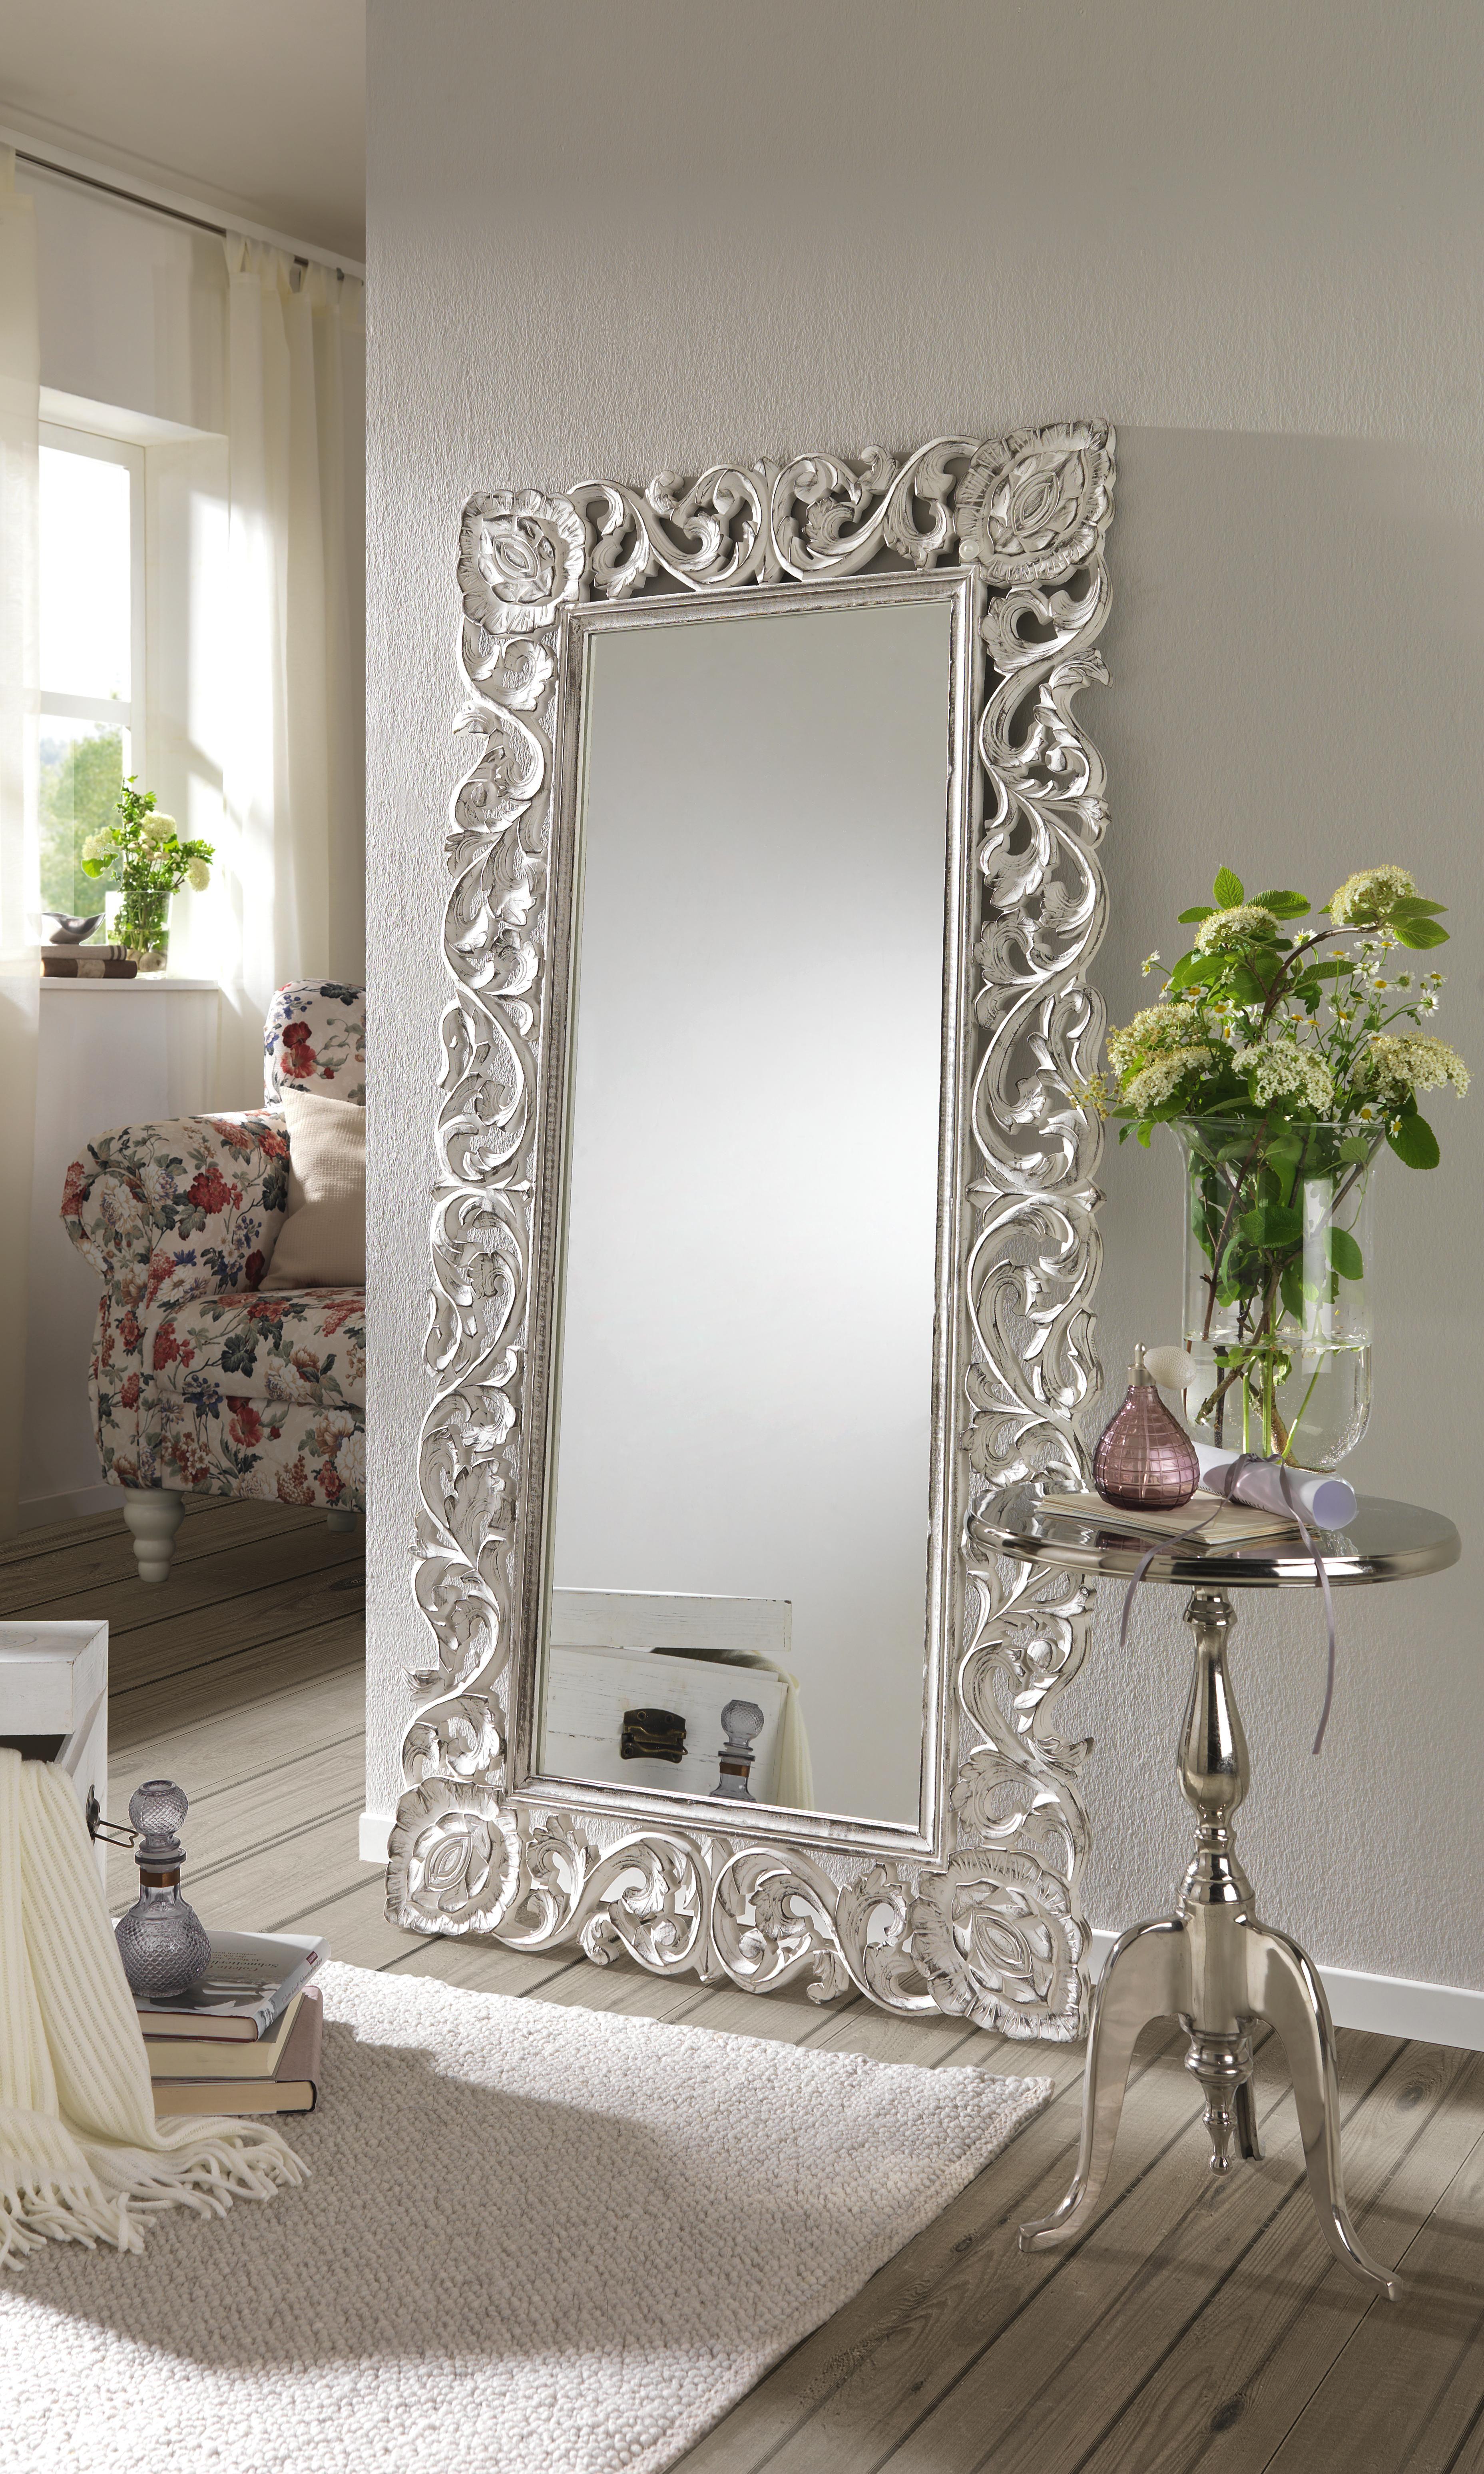 Spiegel Wohnzimmer Spiegel Wandspiegel Modern Wandspiegel